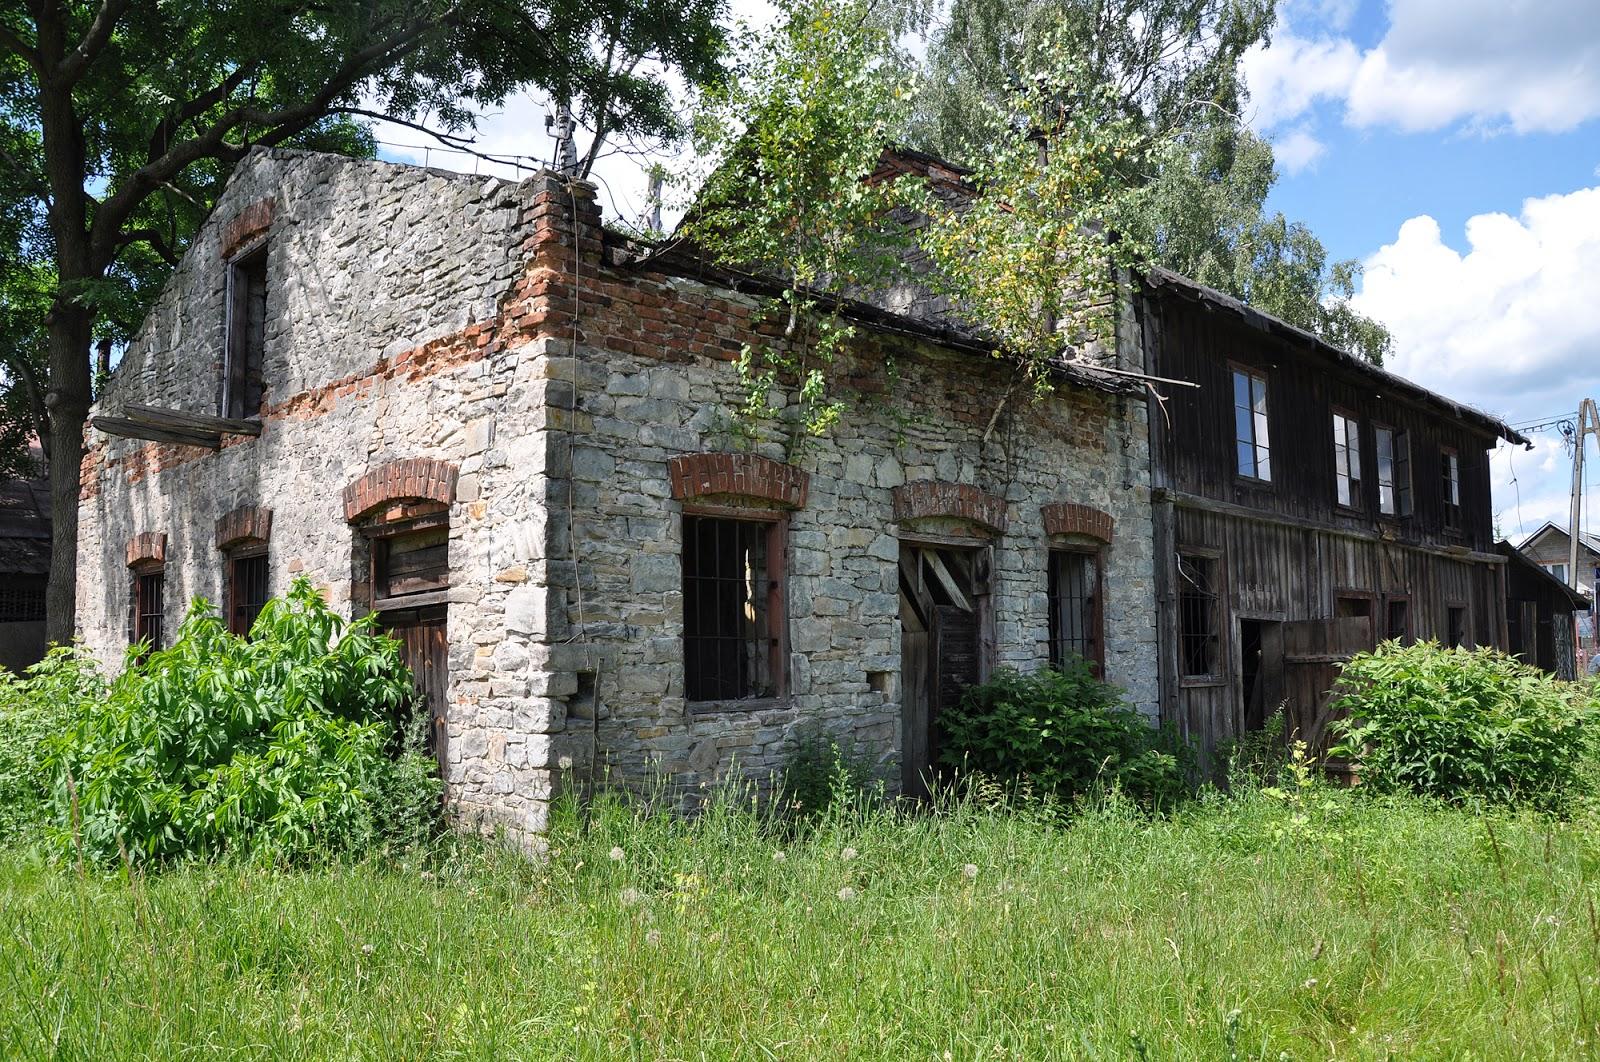 Końskie, ul. Gimnazjalna 37b. Widok młyna od strony wschodniej i południowej. Czerwiec 2014, foto. KW.